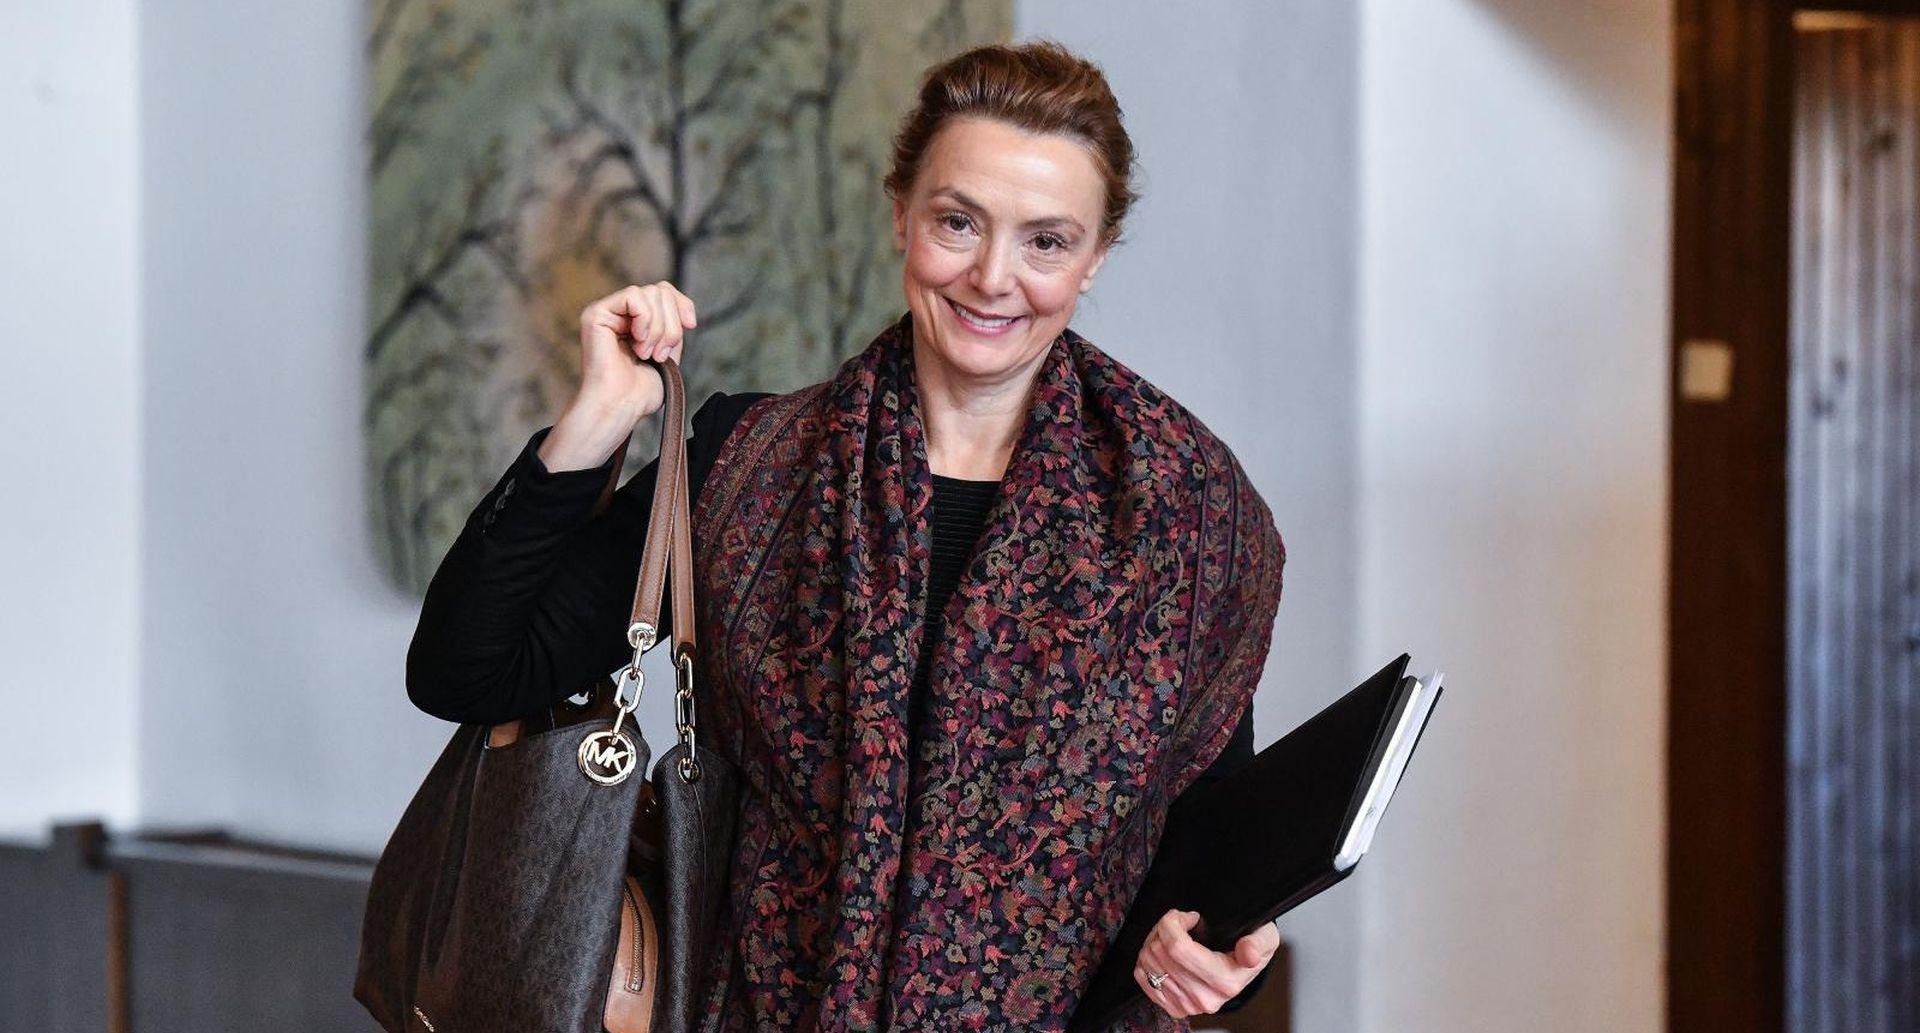 Povjerenstvo nije pokrenulo postupak protiv Pejčinović Burić